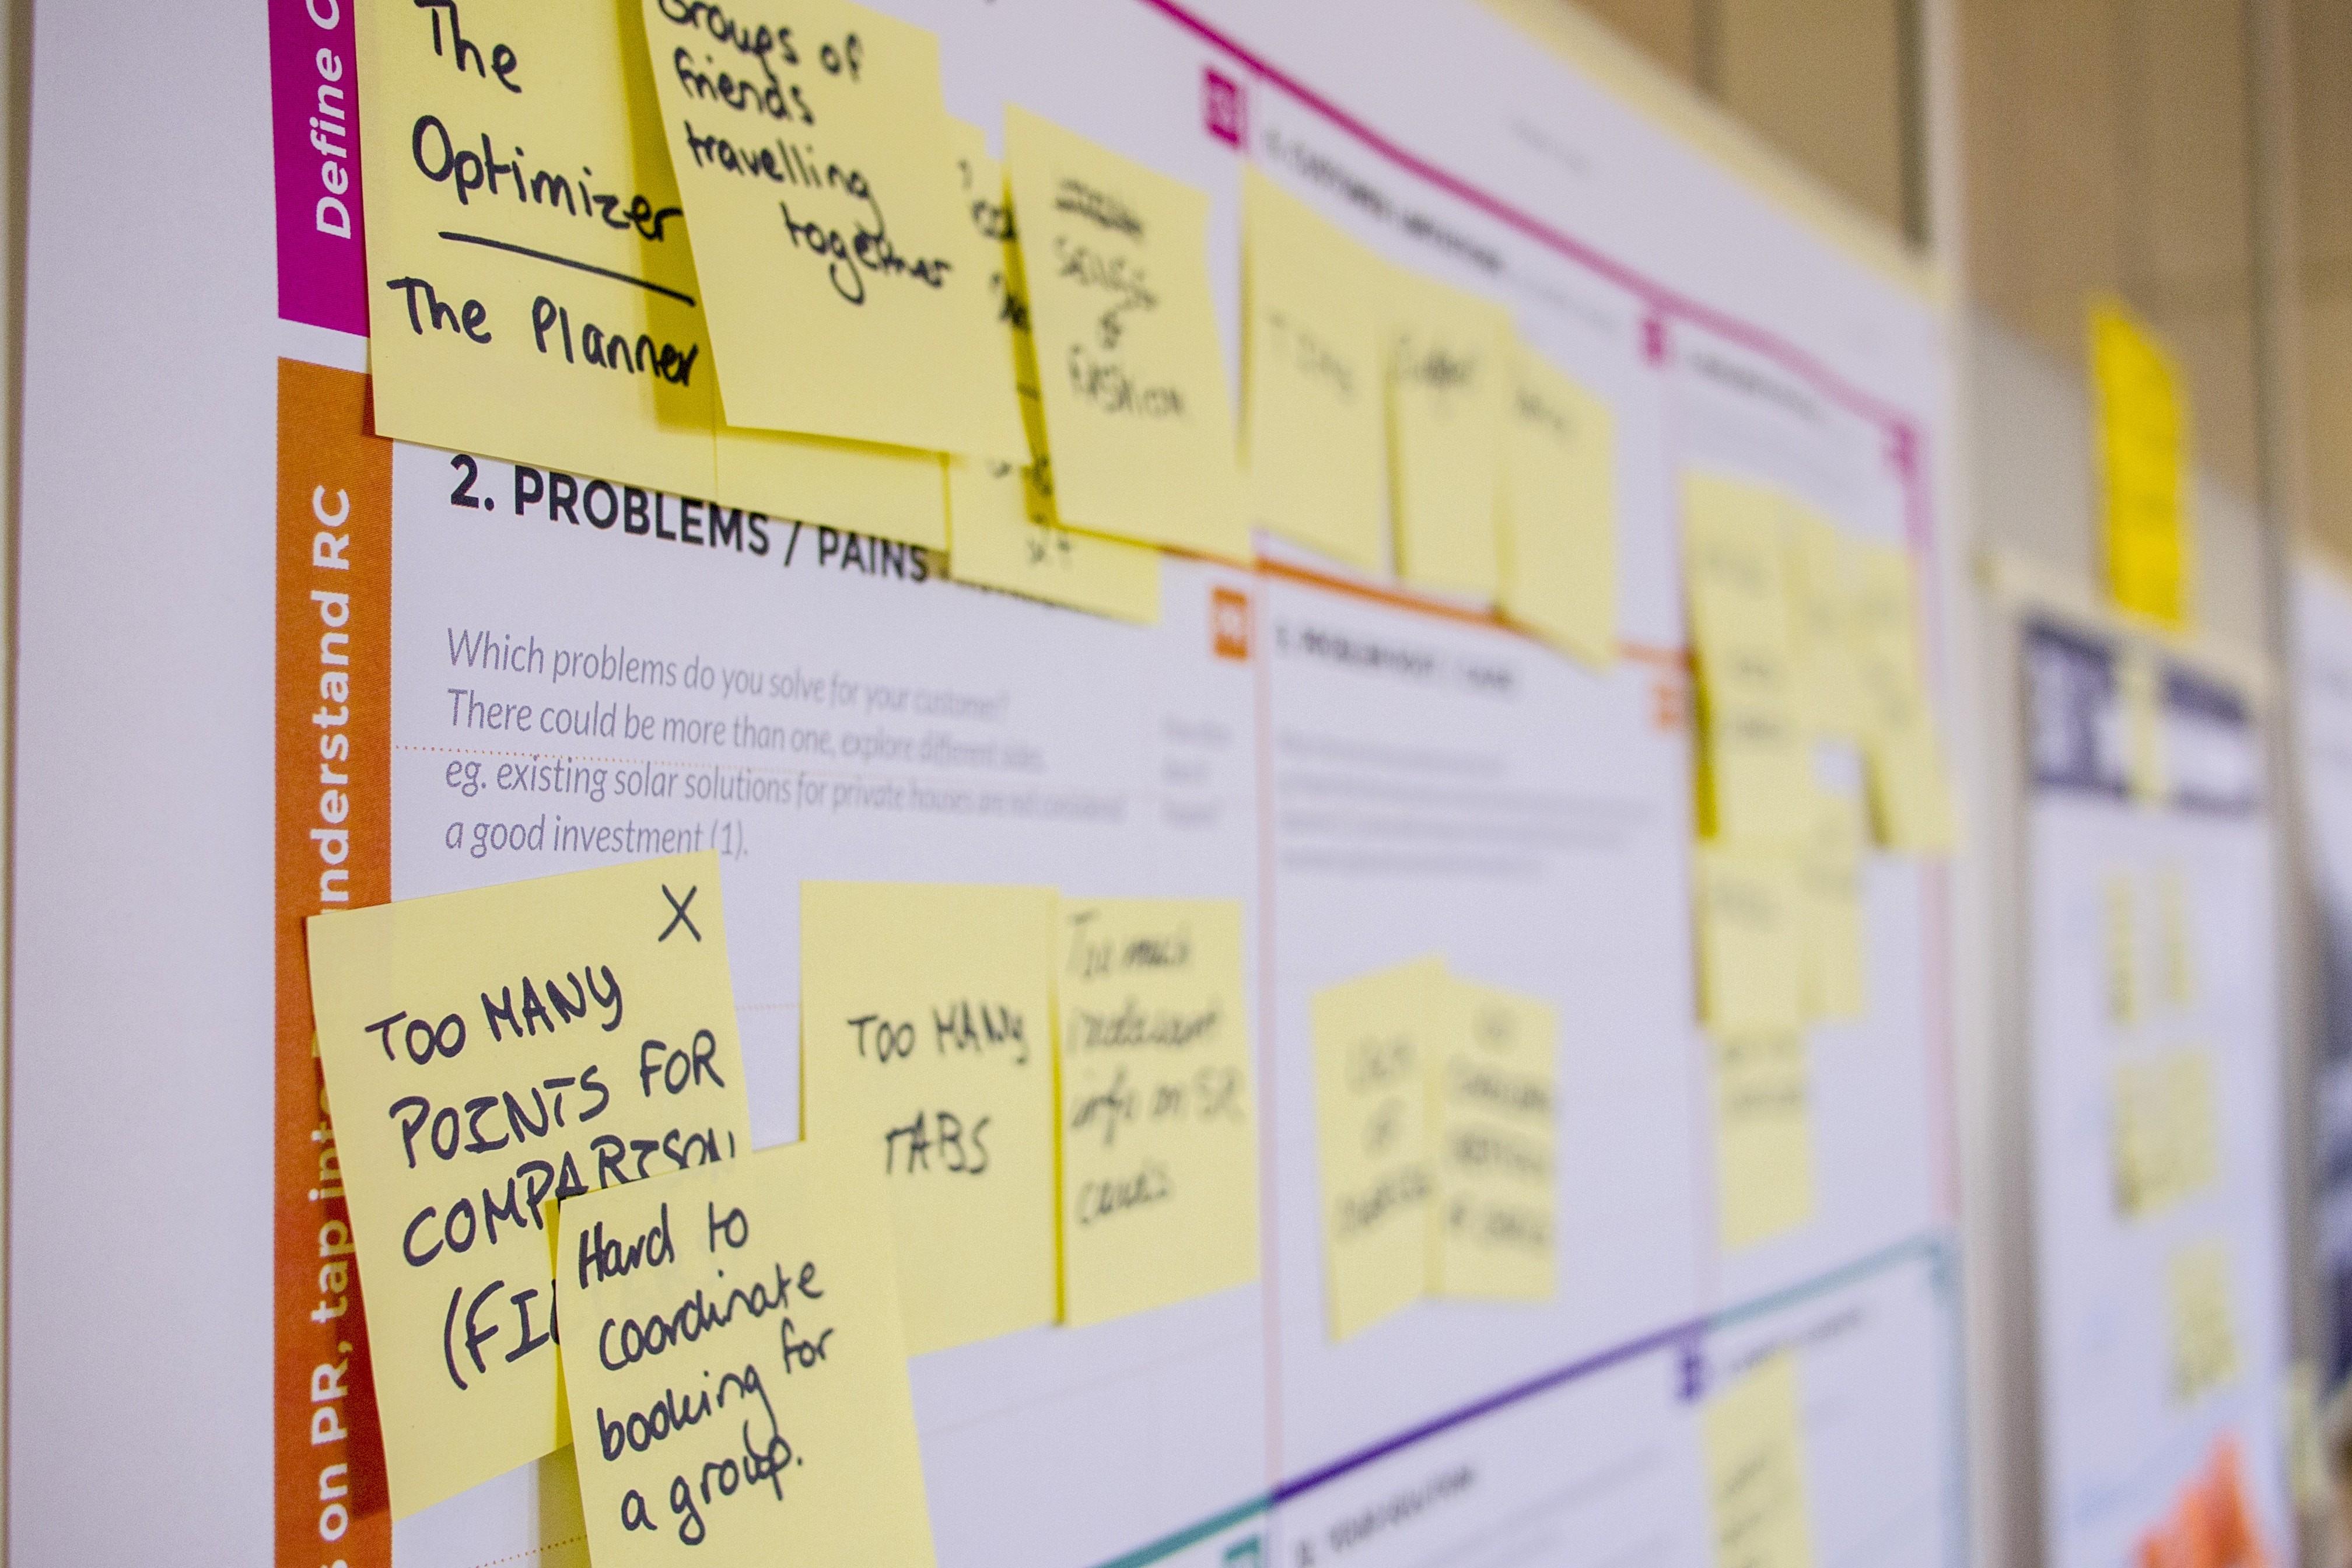 Qual a importância da concepção e anteprojeto no desenvolvimento de software?